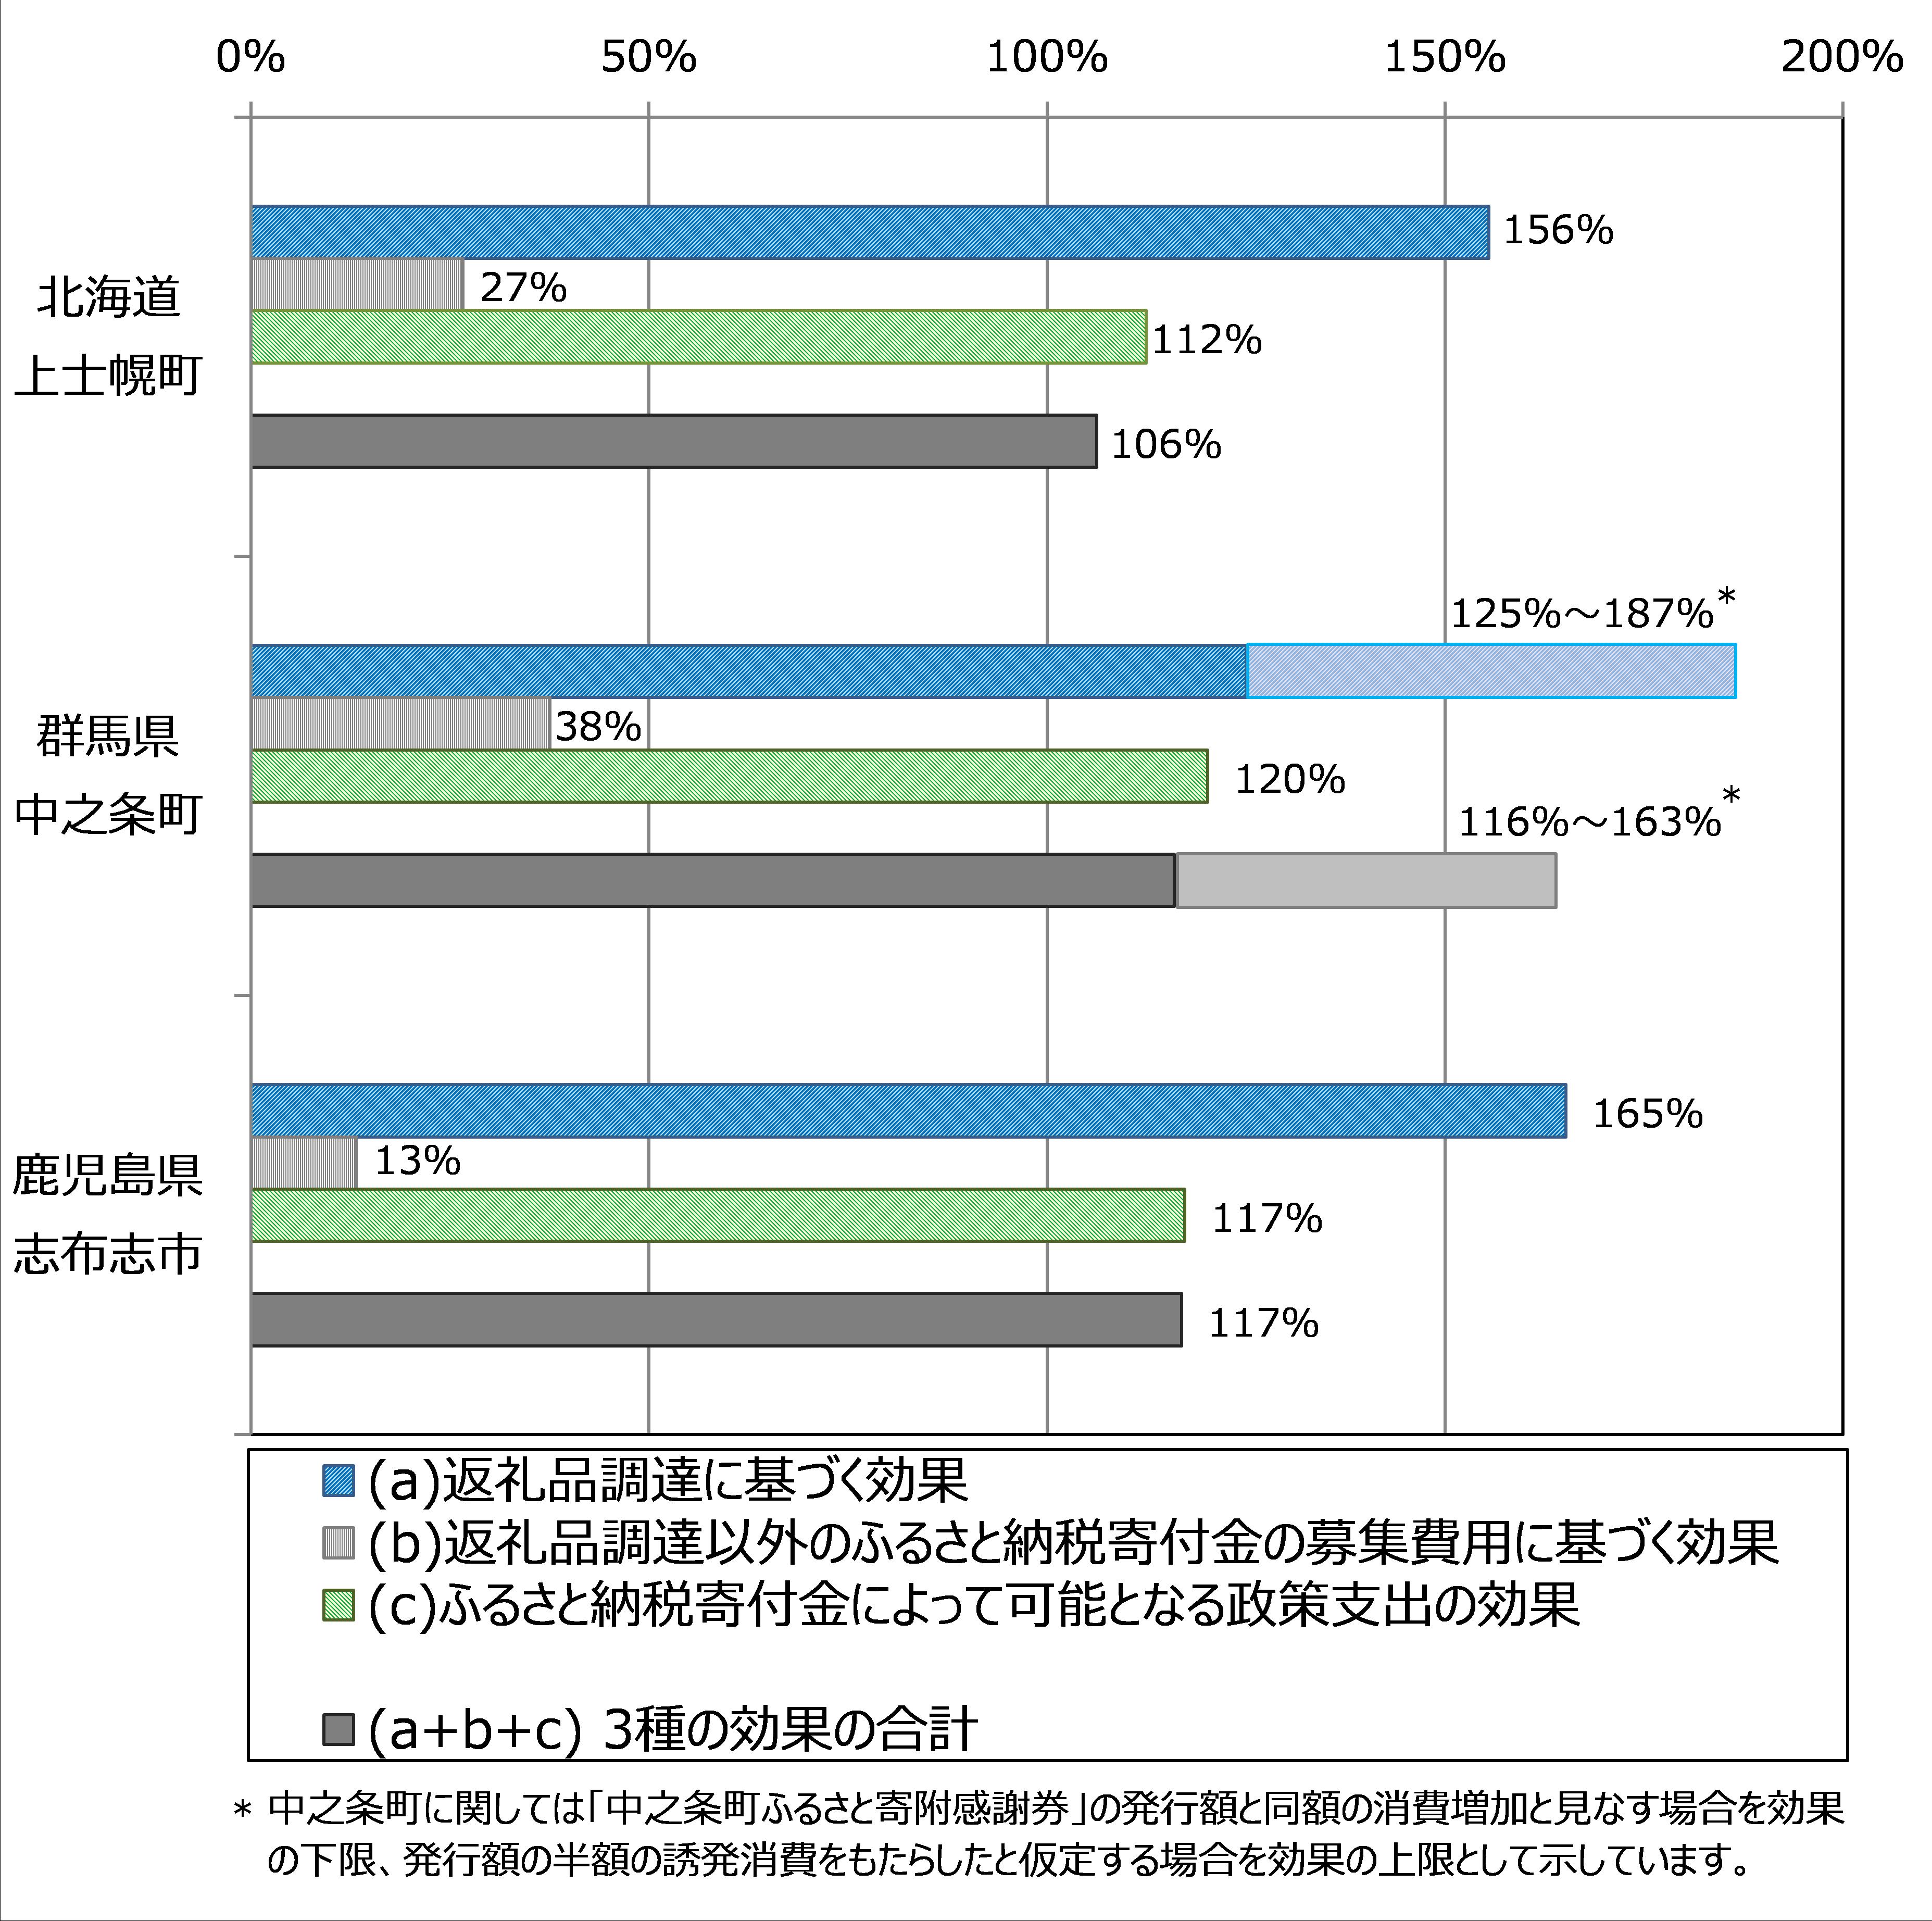 図2 各自治体における一次支出と地域内の付加価値増加額の比率